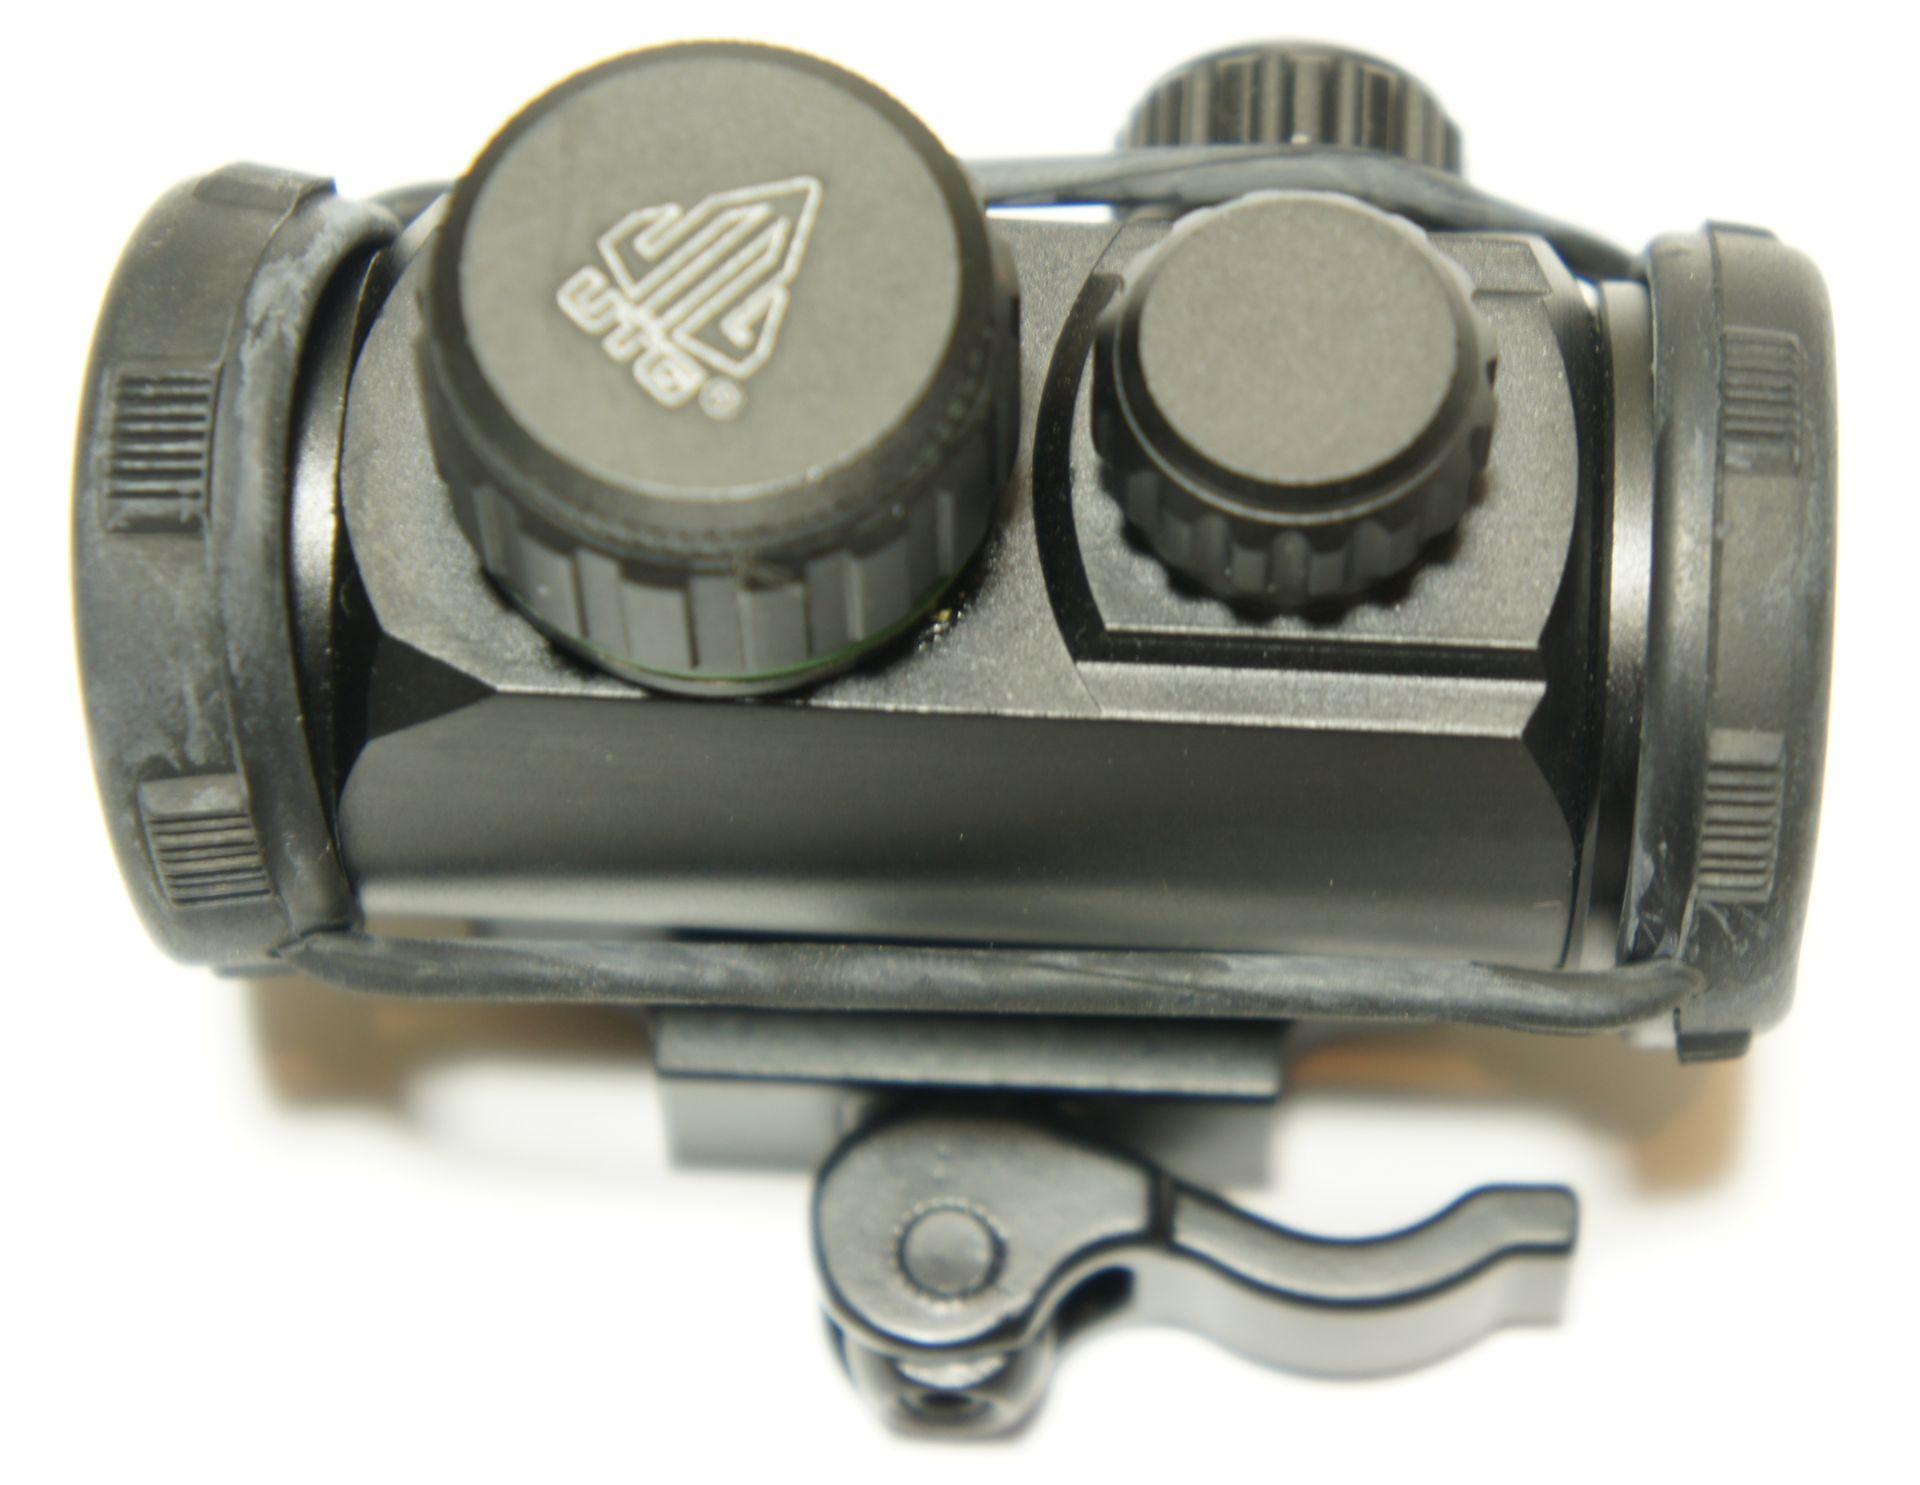 Leuchtpunktvisier UTG passend für 21mm Montageschienen